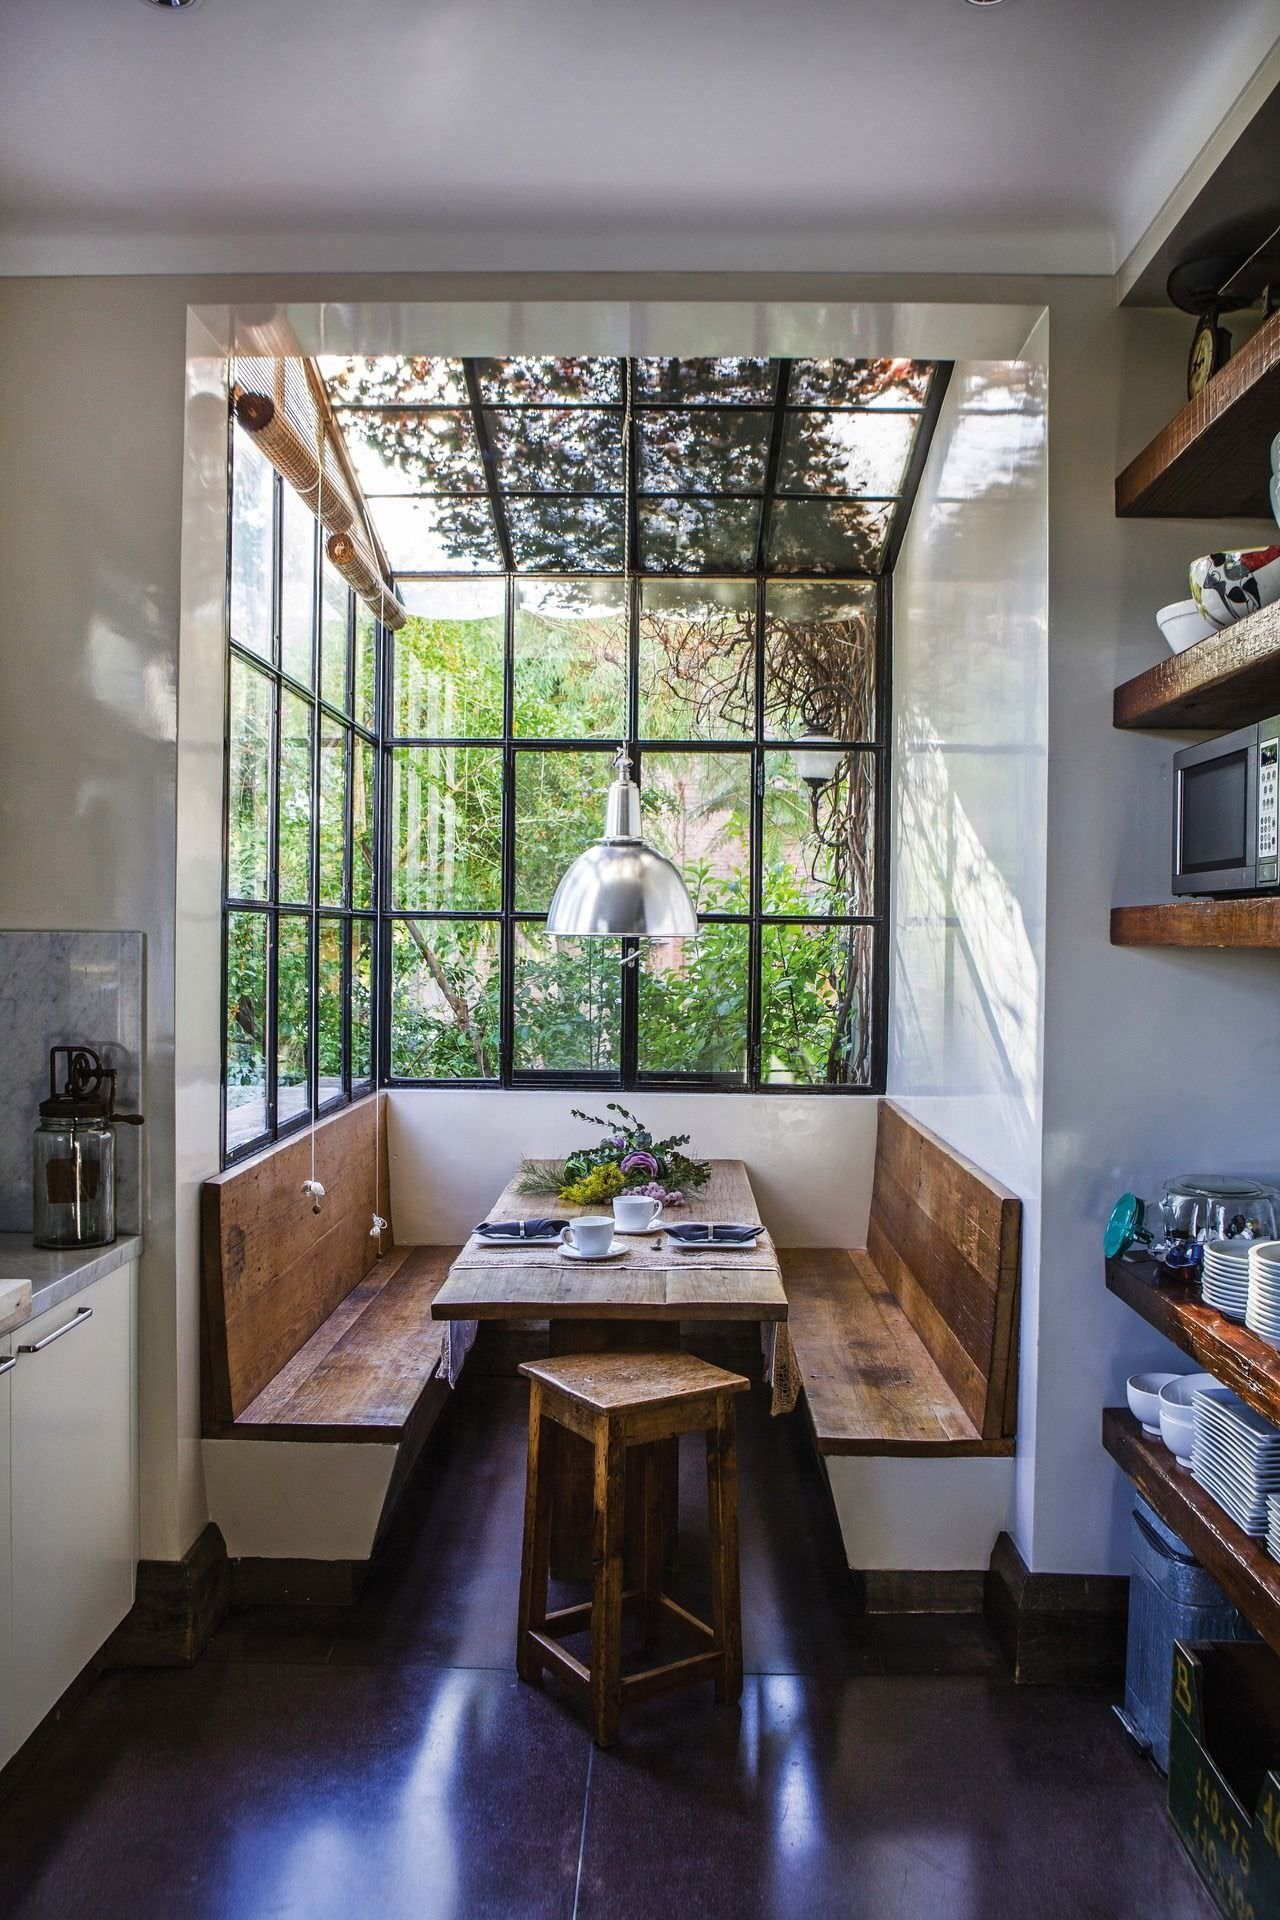 Pin von Taryn Kate Ruiz auf home inspirations | Pinterest | Häuschen